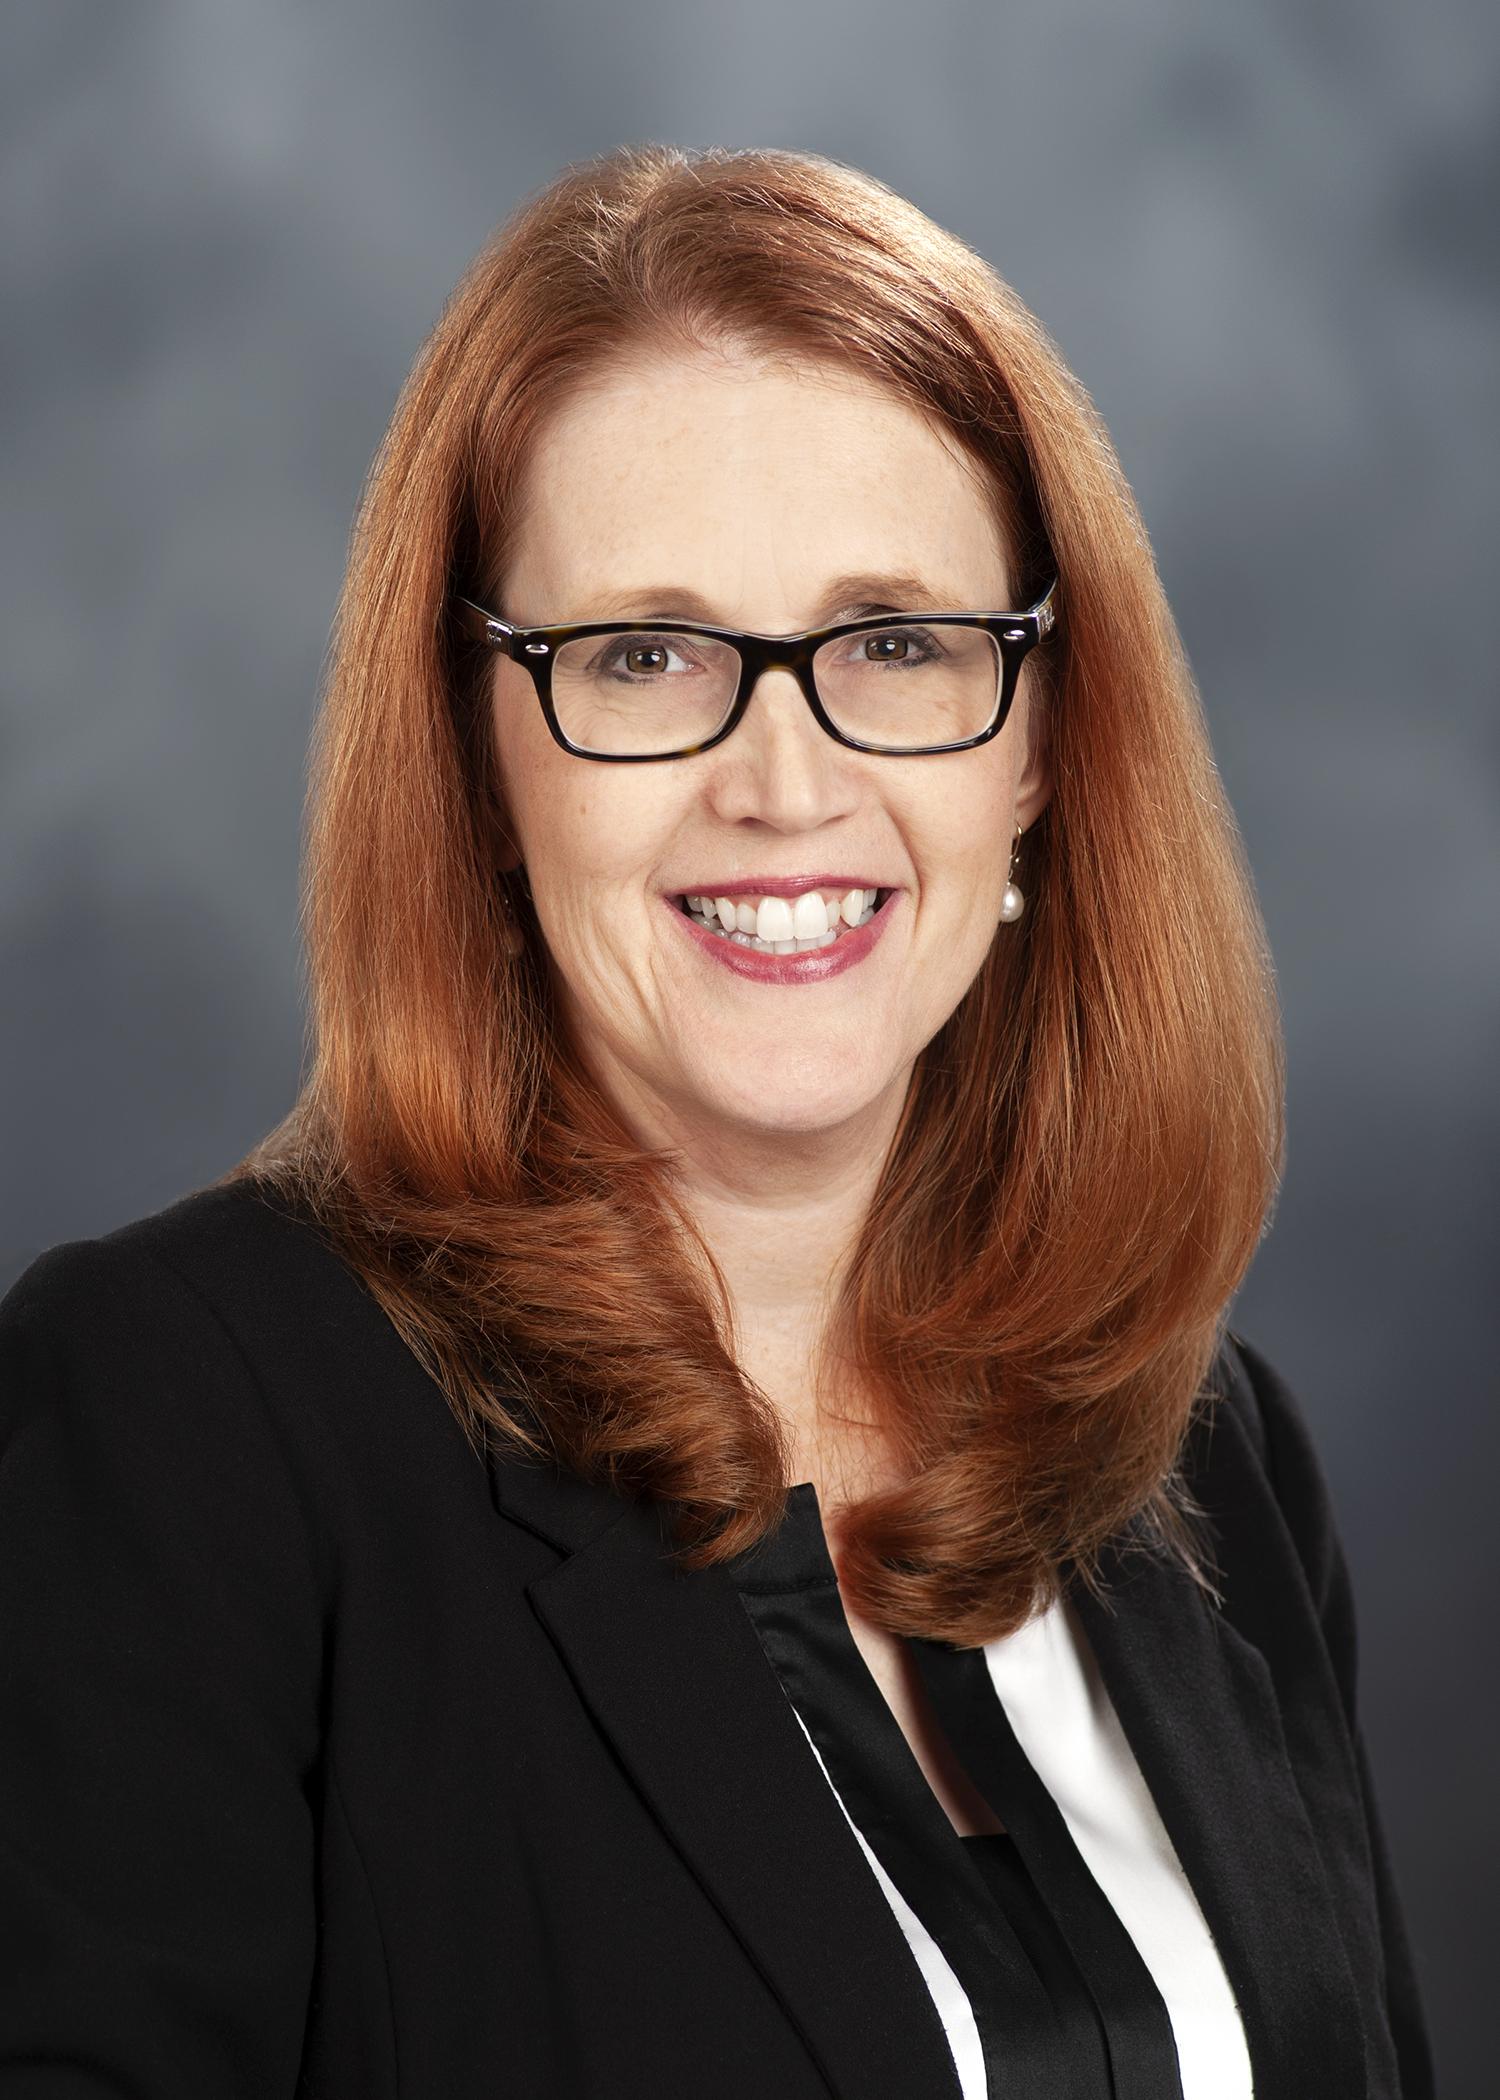 Kathleen Thomas PhD